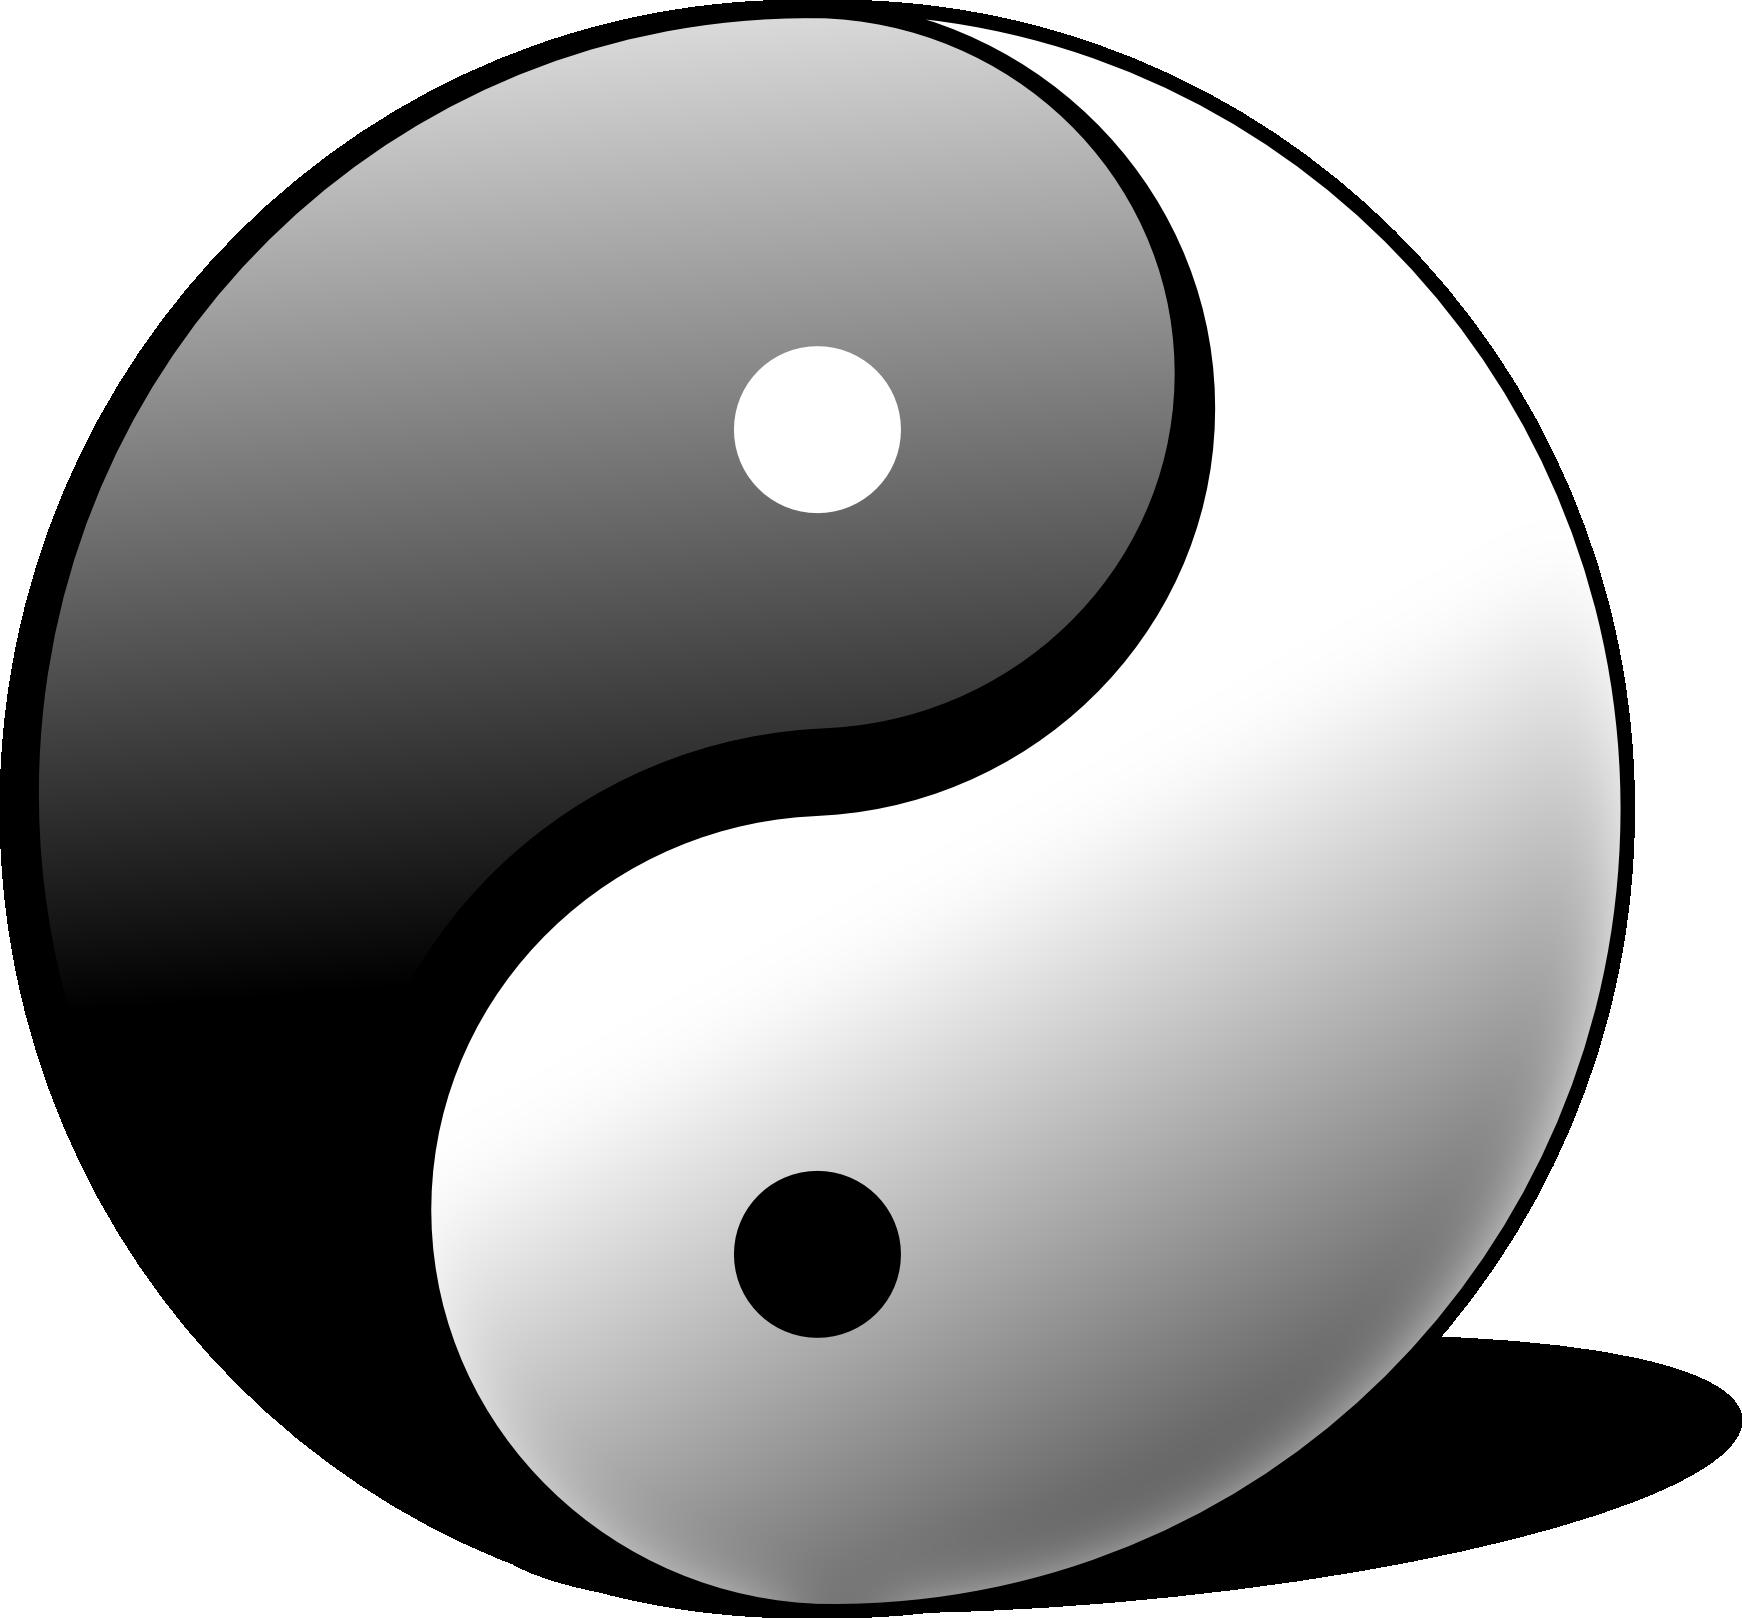 ying et le yang